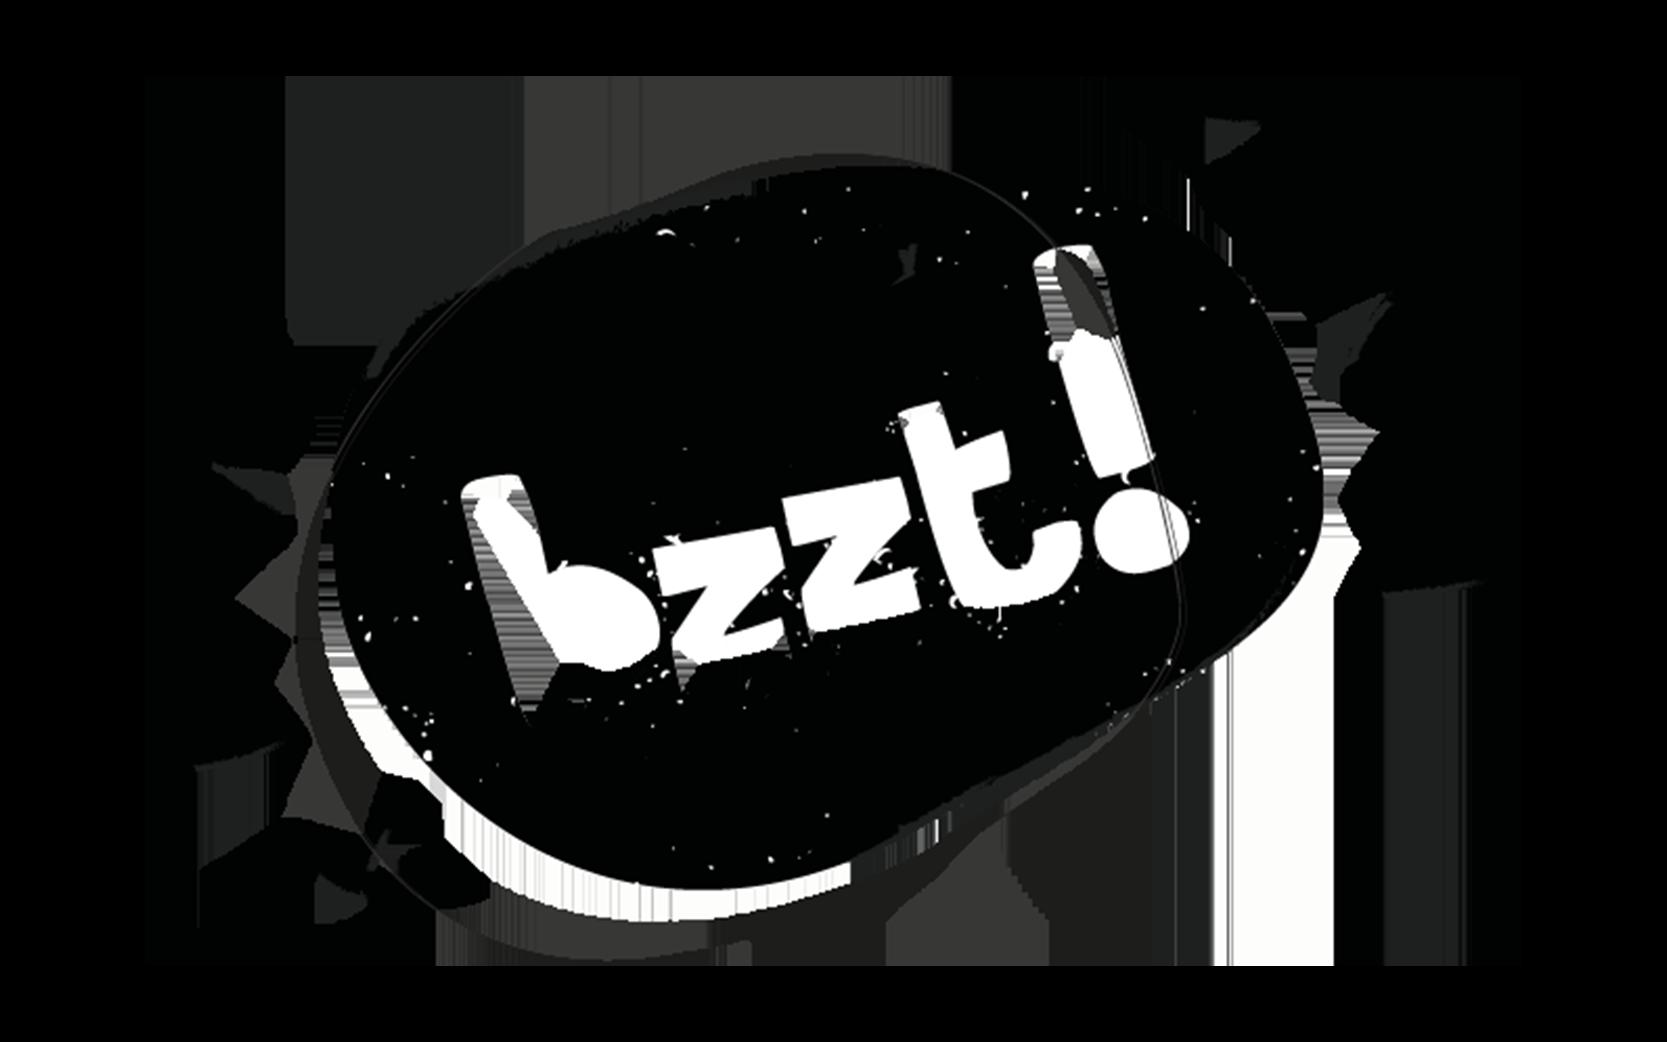 Bzzts logotyp